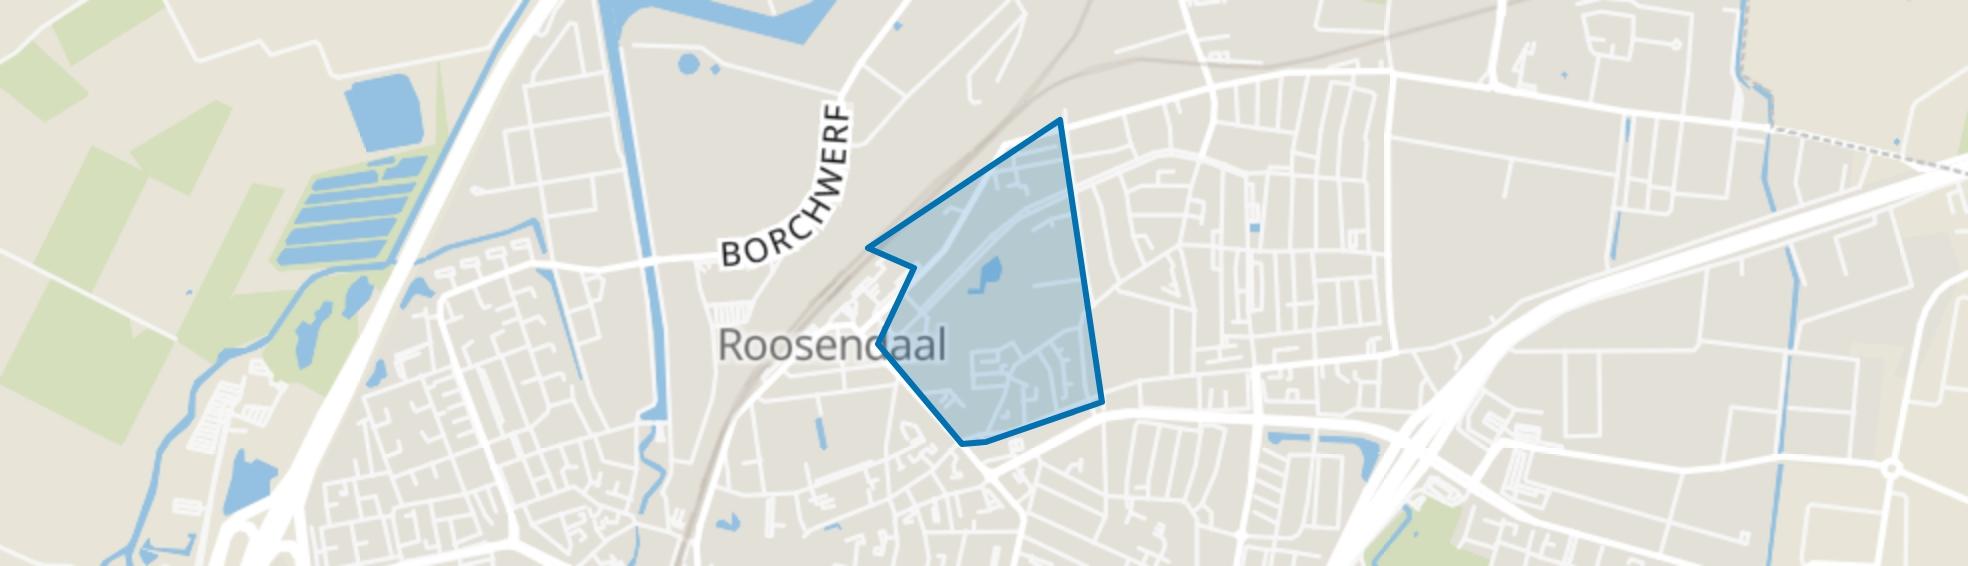 Parklaan-Hoogstraat, Roosendaal map